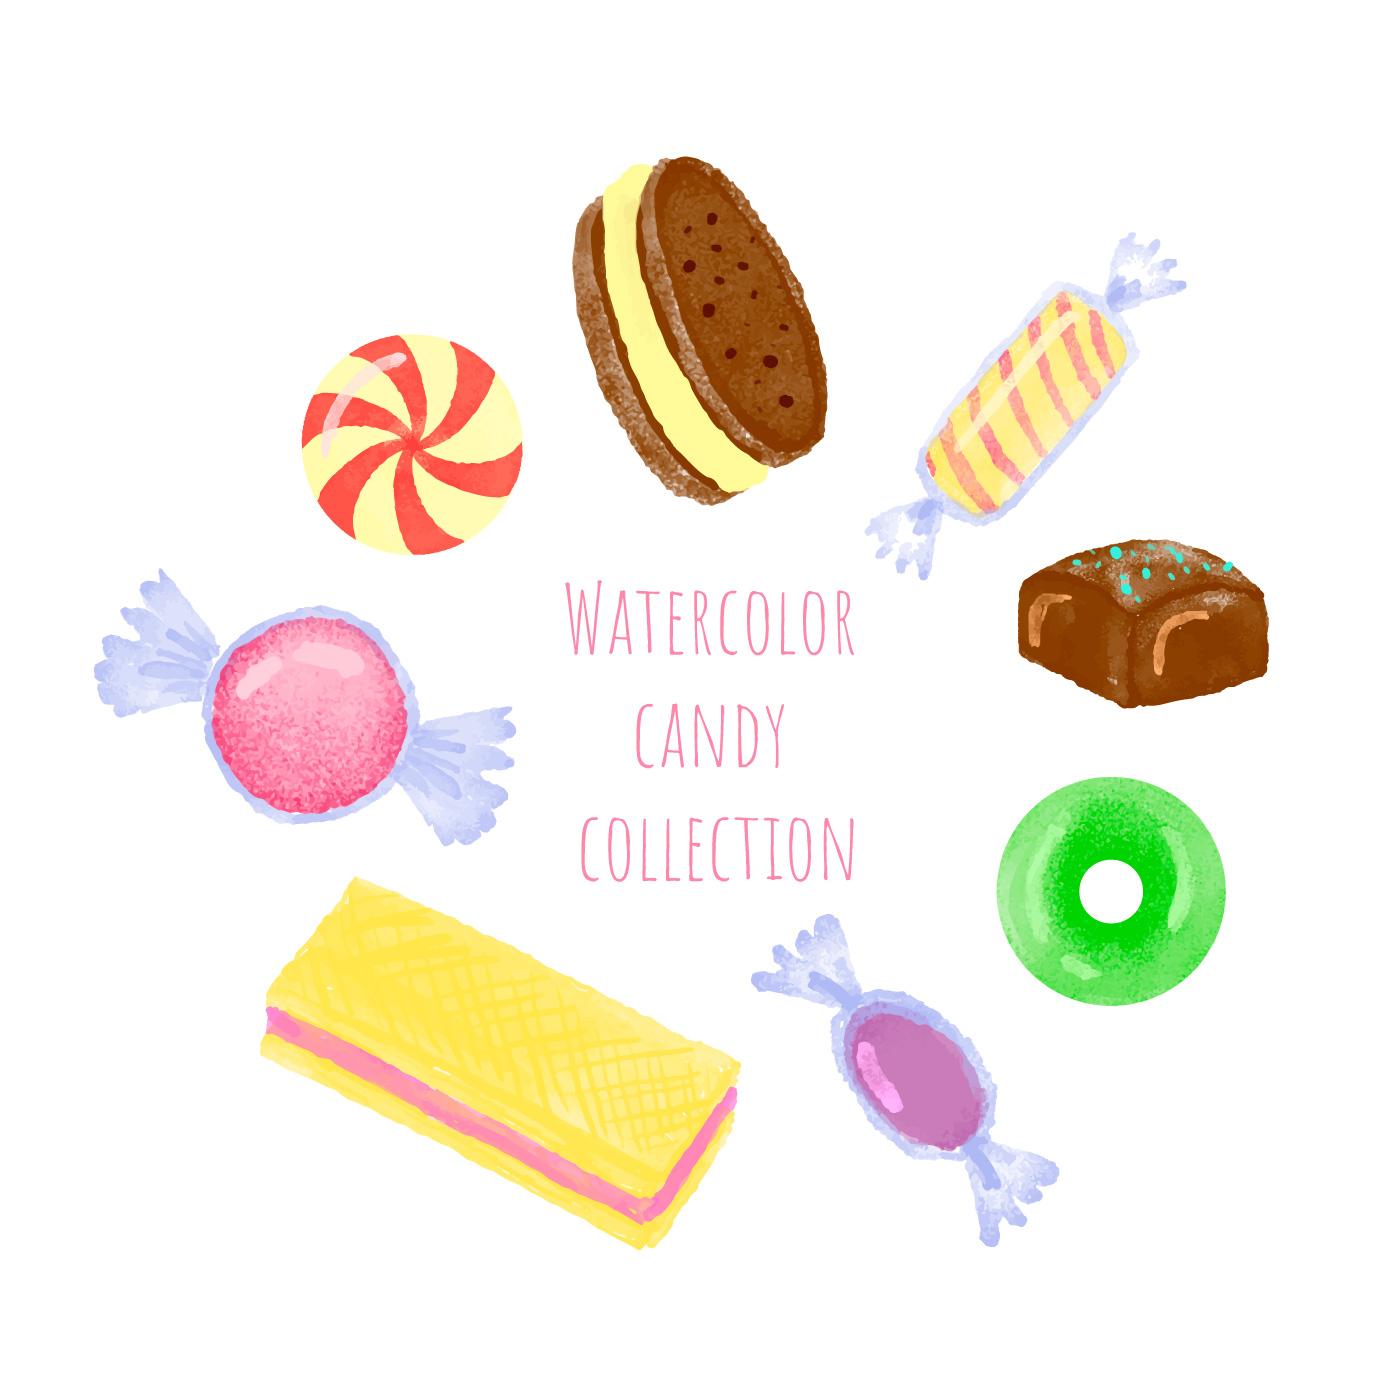 糖果卡通 免費下載 | 天天瘋後製